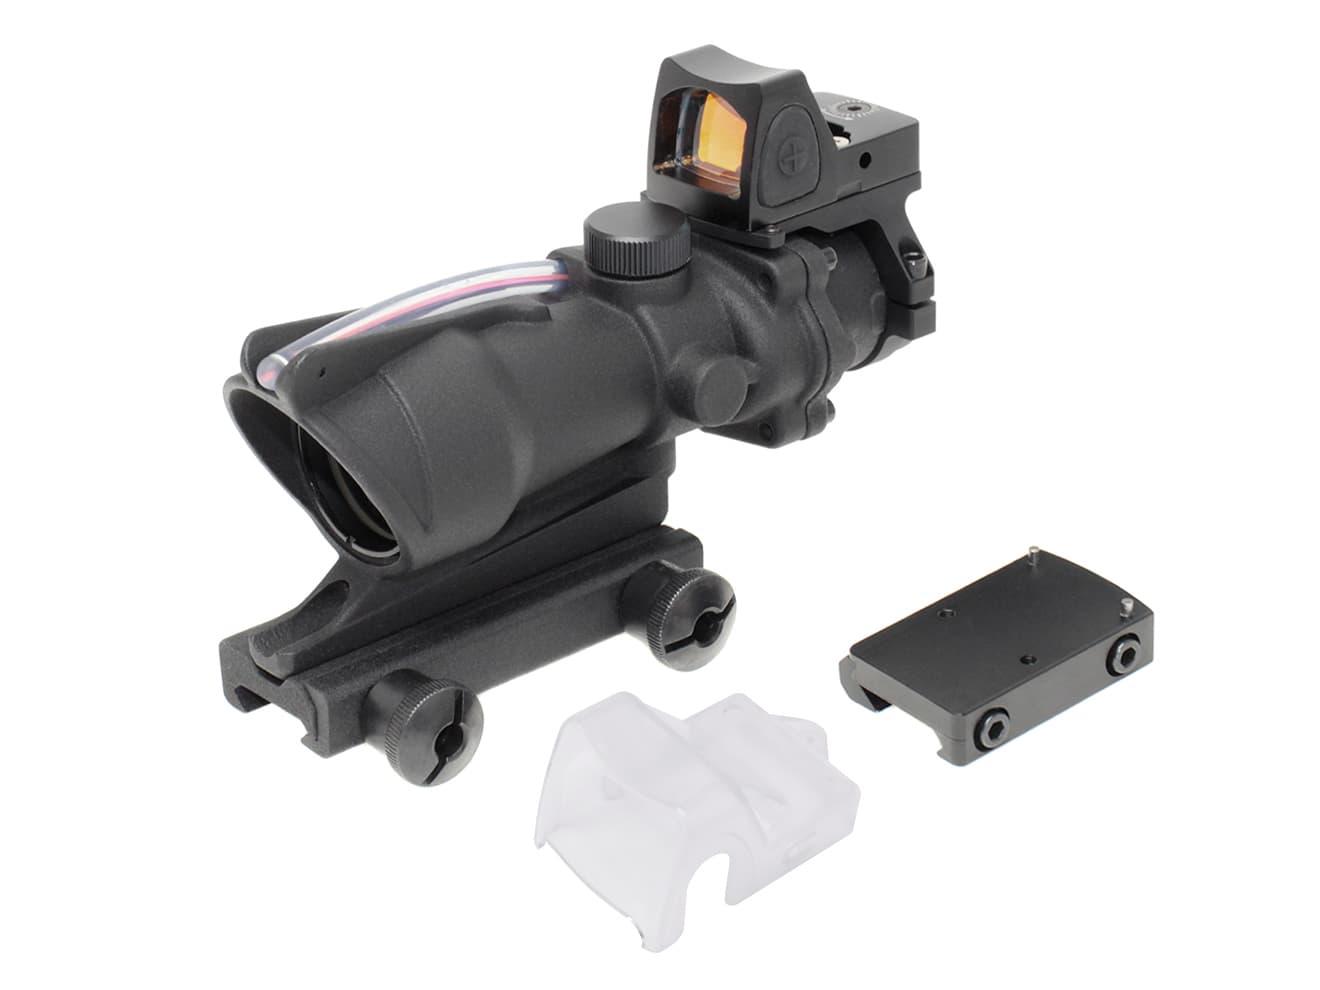 M150 RCO TA31 ECOS COMBO 4×32 タクティカル CQBスコープ(自動調光)◆SOCOM 4倍 20mmレール対応 TA31タイプ スコープ ドットサイト CQC